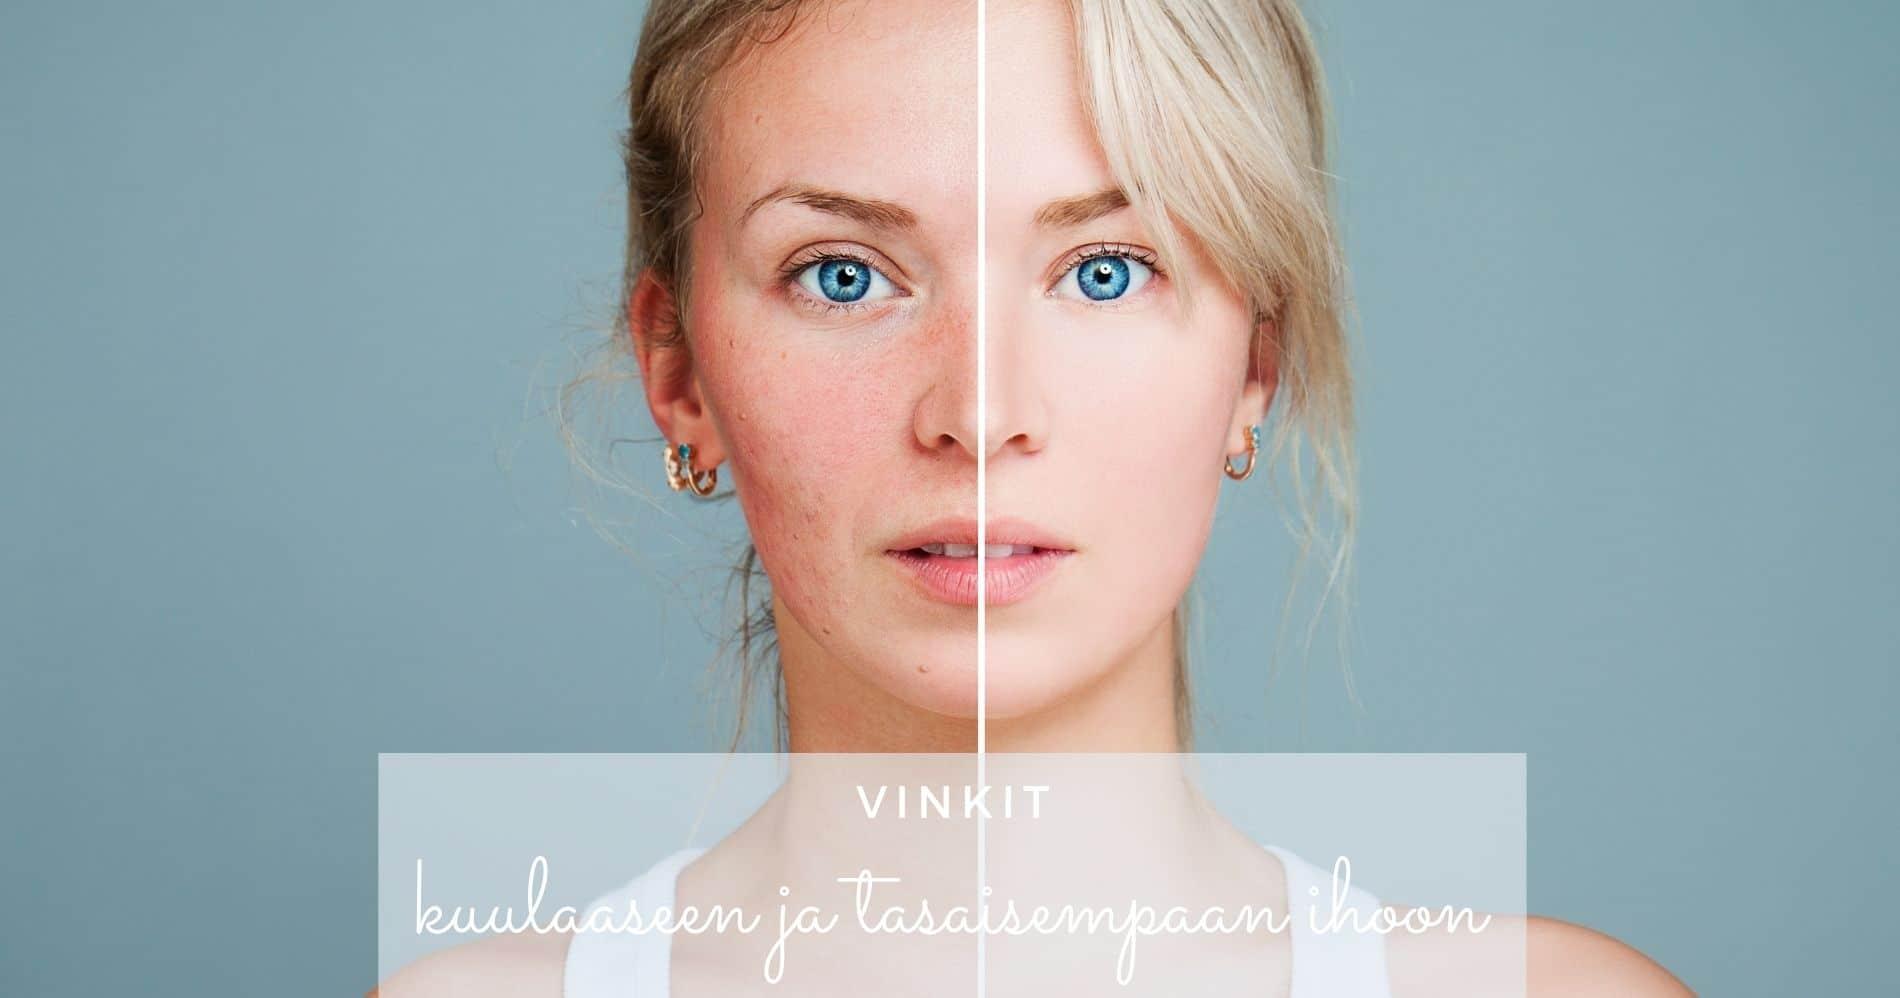 vinkit kuulaaseen ja tasaisempaan ihoon